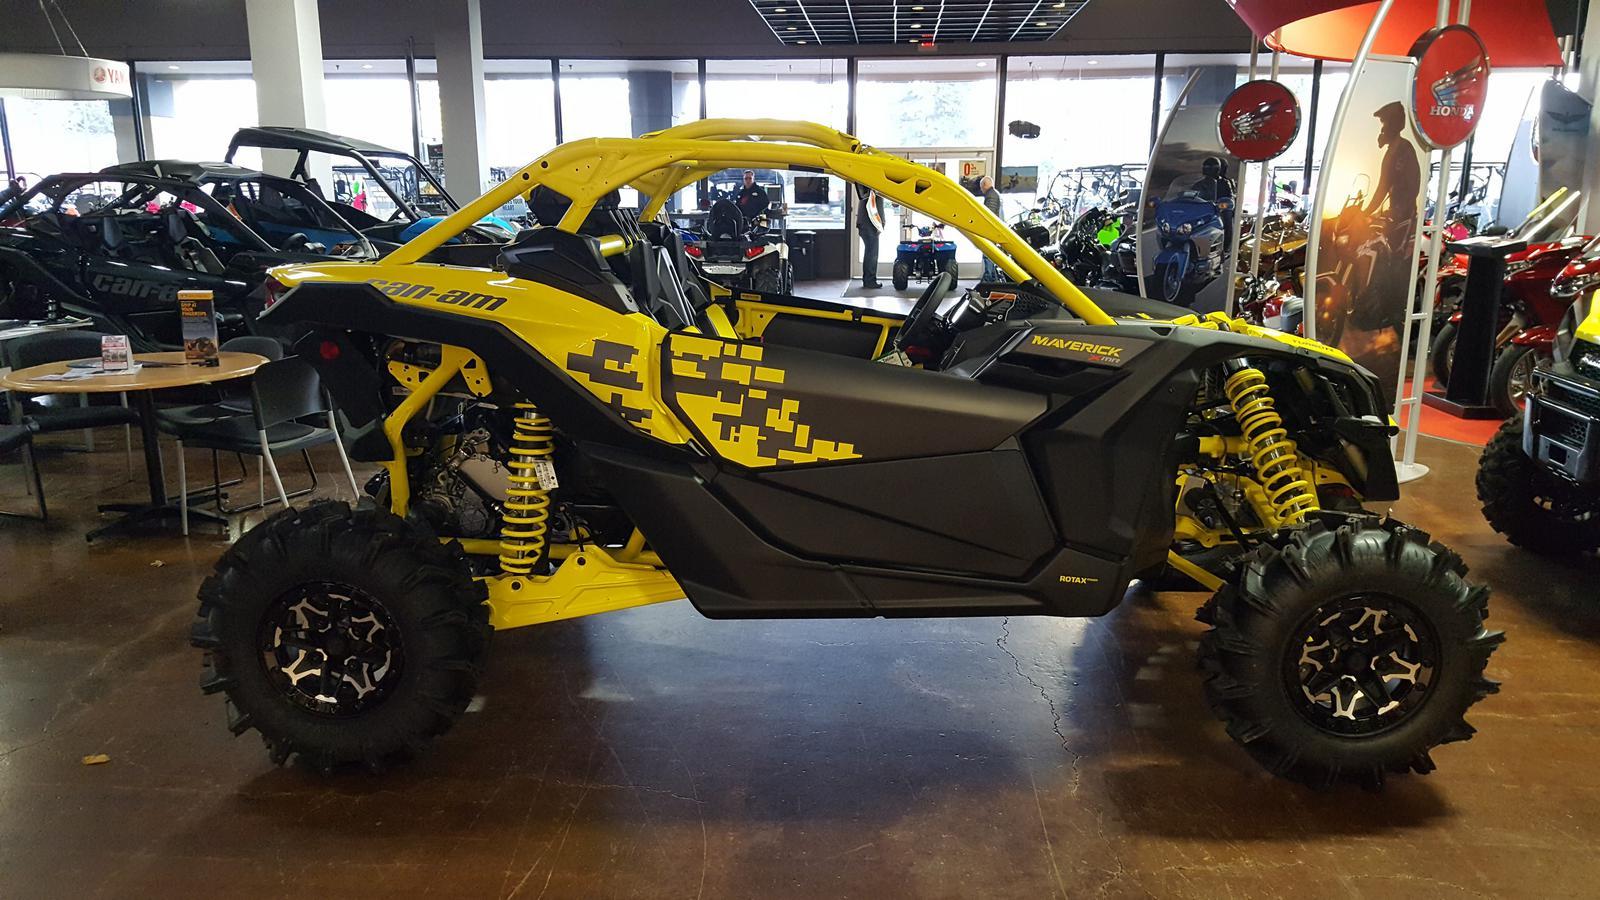 2019 Can-Am Maverick X3 X mr Turbo R